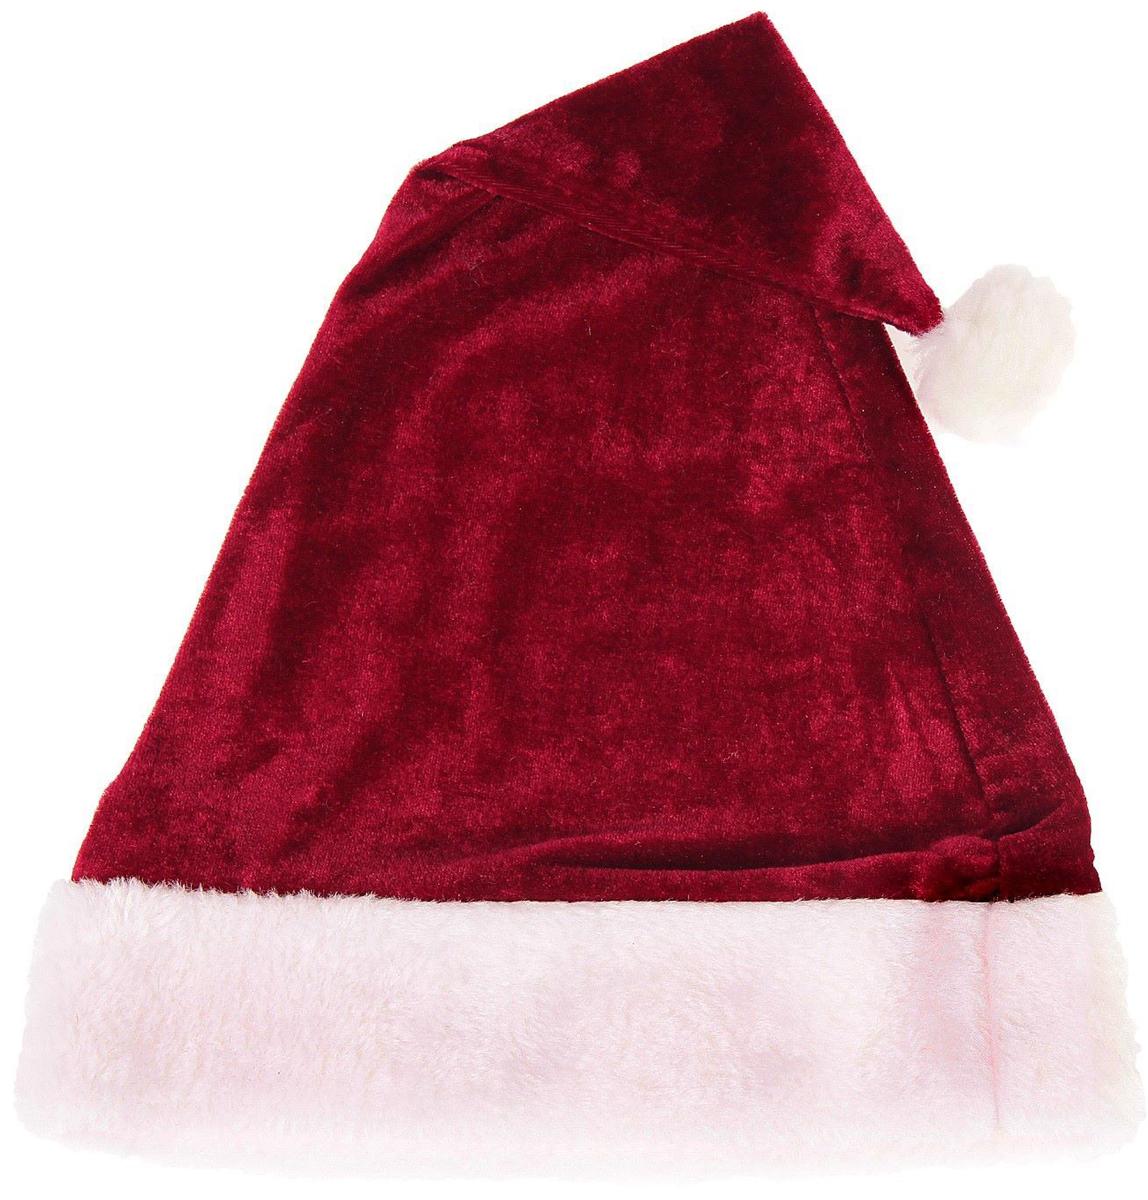 Колпак новогодний Мягкий, цвет: бордовый, 28 х 40 см2352008Невозможно представить нашу жизнь без праздников! Мы всегда ждем их и предвкушаем, обдумываем, как проведем памятный день, тщательно выбираем подарки и аксессуары, ведь именно они создают и поддерживают торжественный настрой. Это отличный выбор, который привнесет атмосферу праздника в ваш дом!